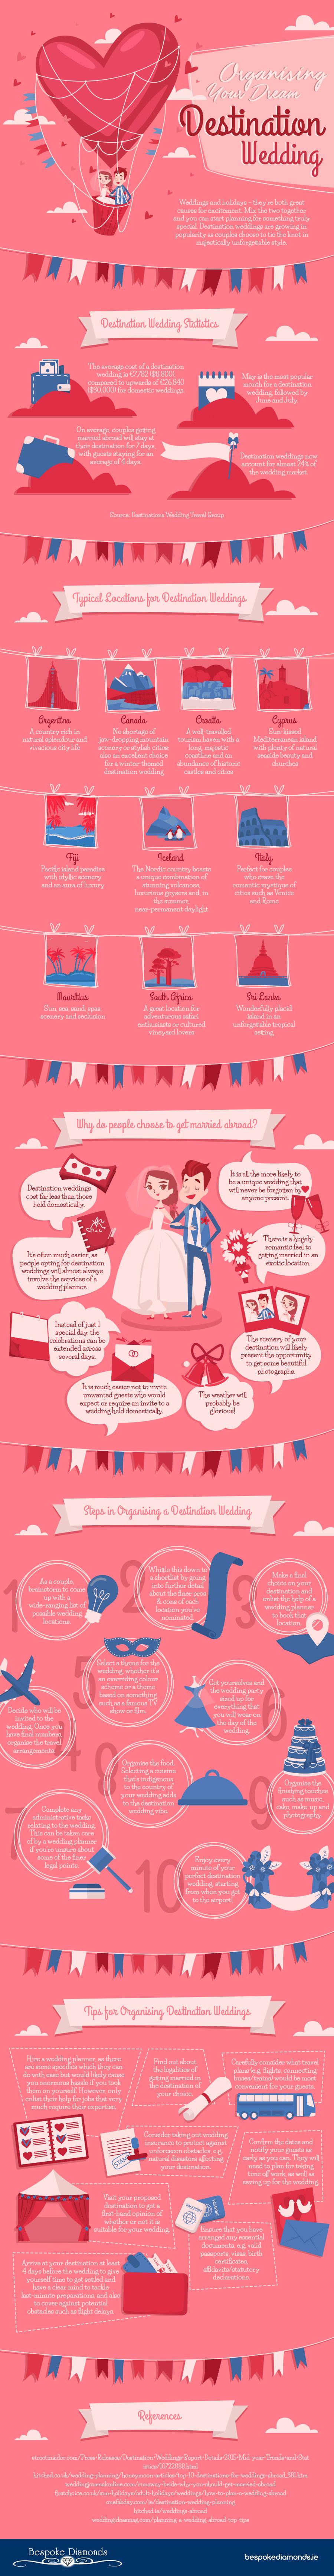 Organizing Your Dream Destination Wedding